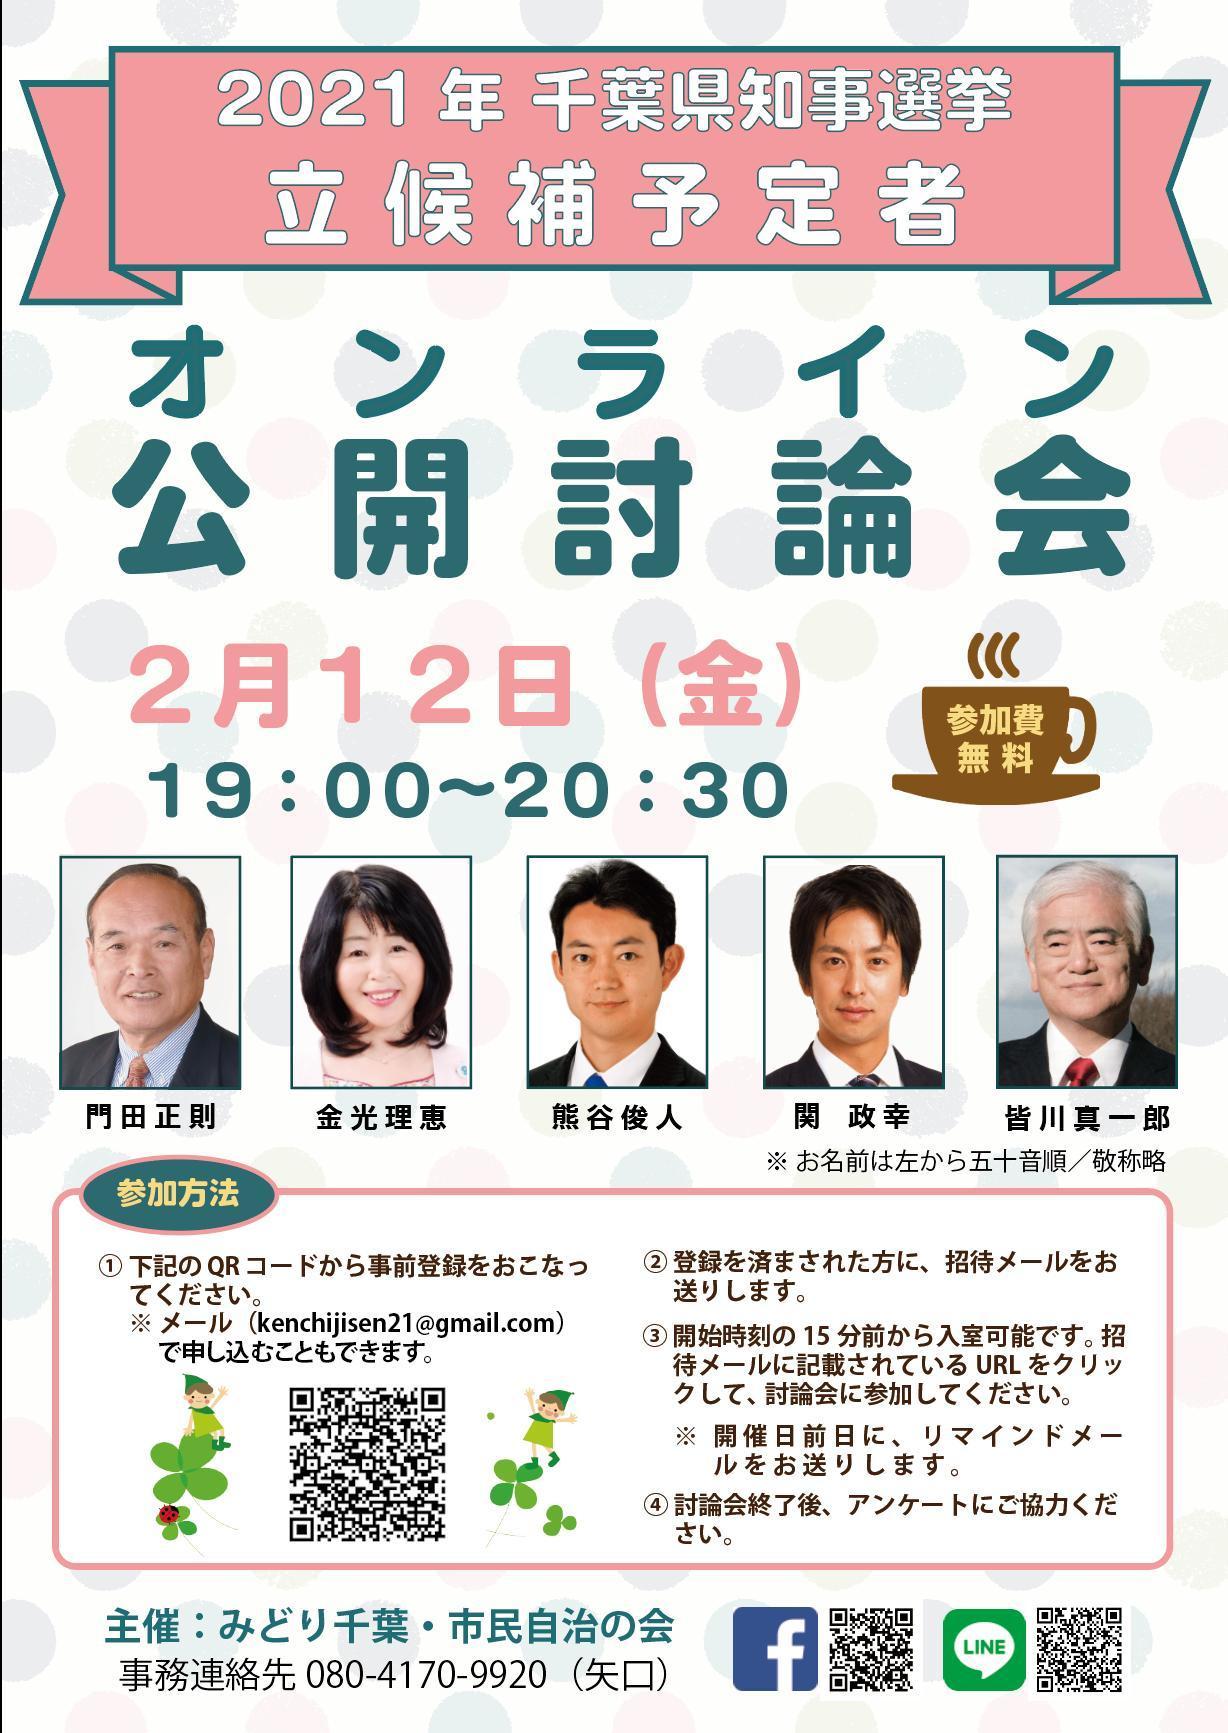 千葉知事選挙がある - 田中紀子(タナカノリコ)   選挙ドットコム